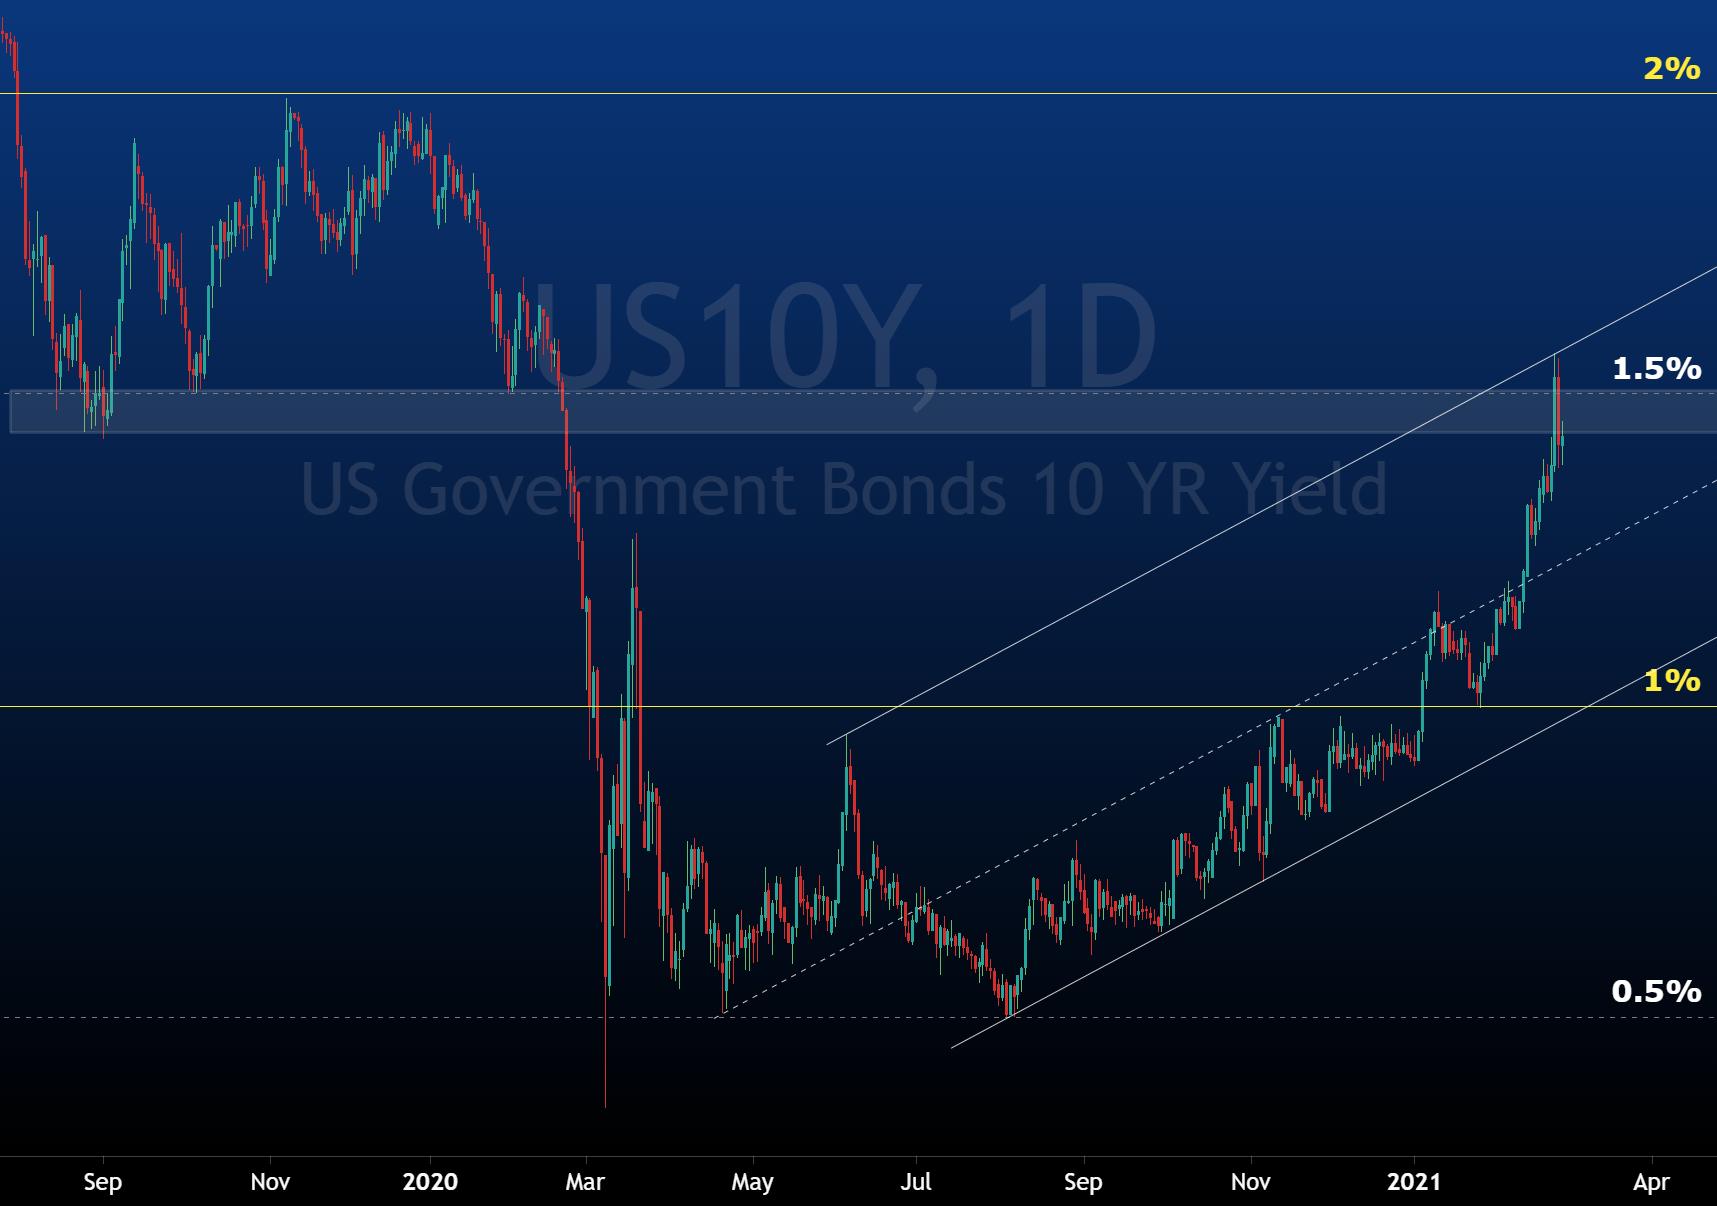 10year yield